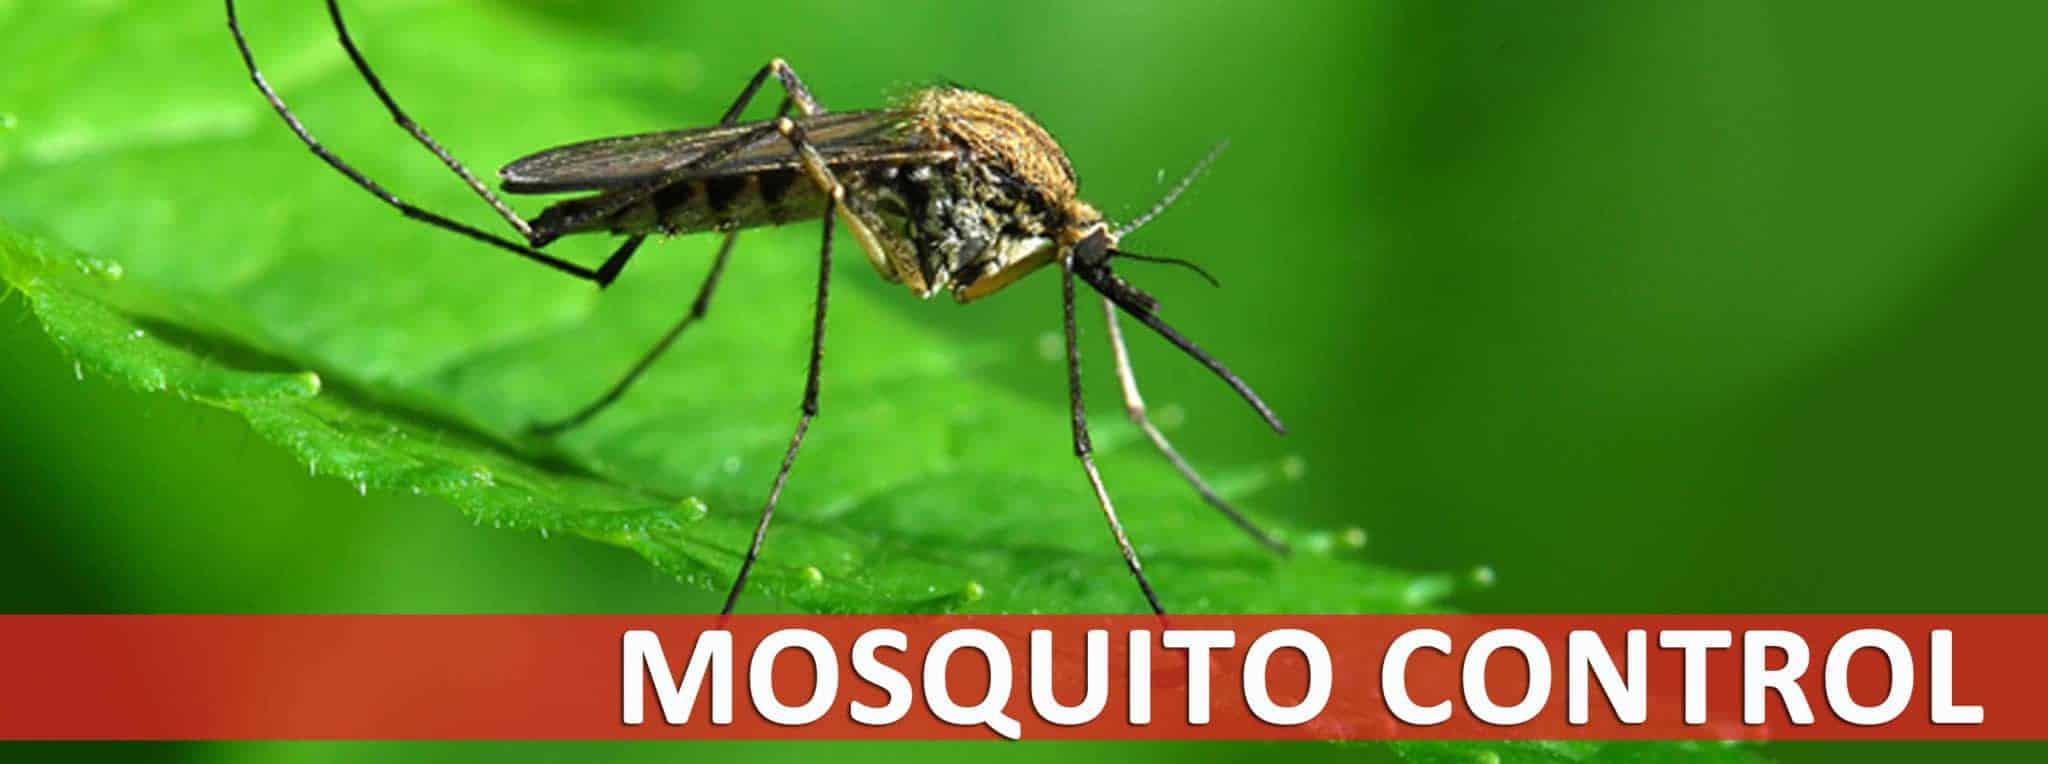 Iowa Mosquito Control